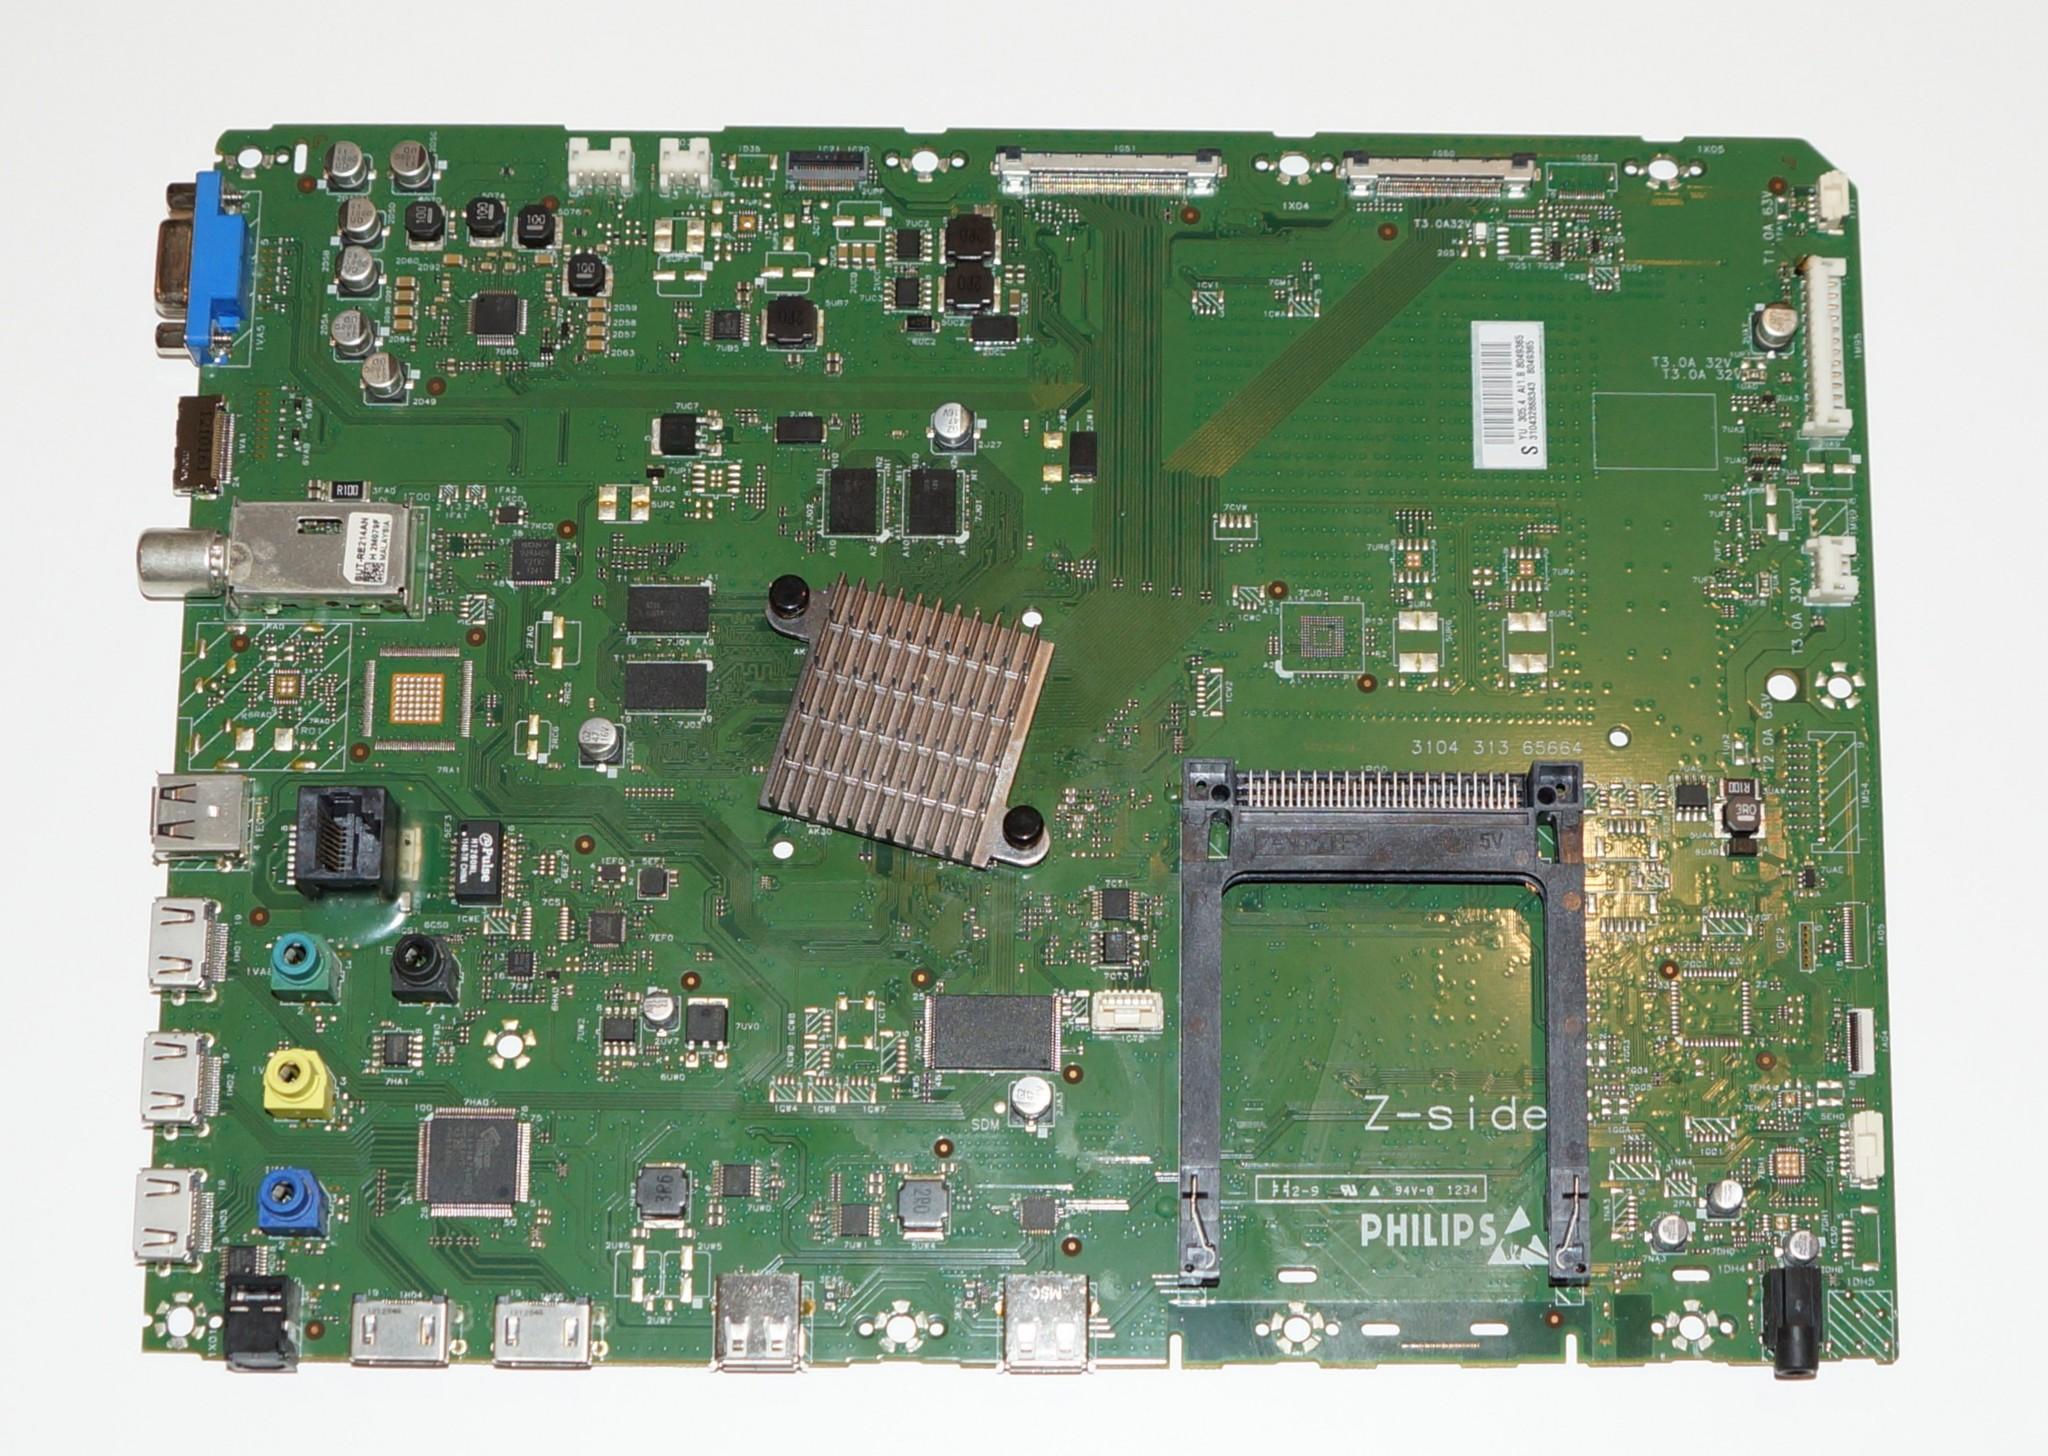 3104 313 65664 310432868343 / 310432868341 купить main телевизора Philips